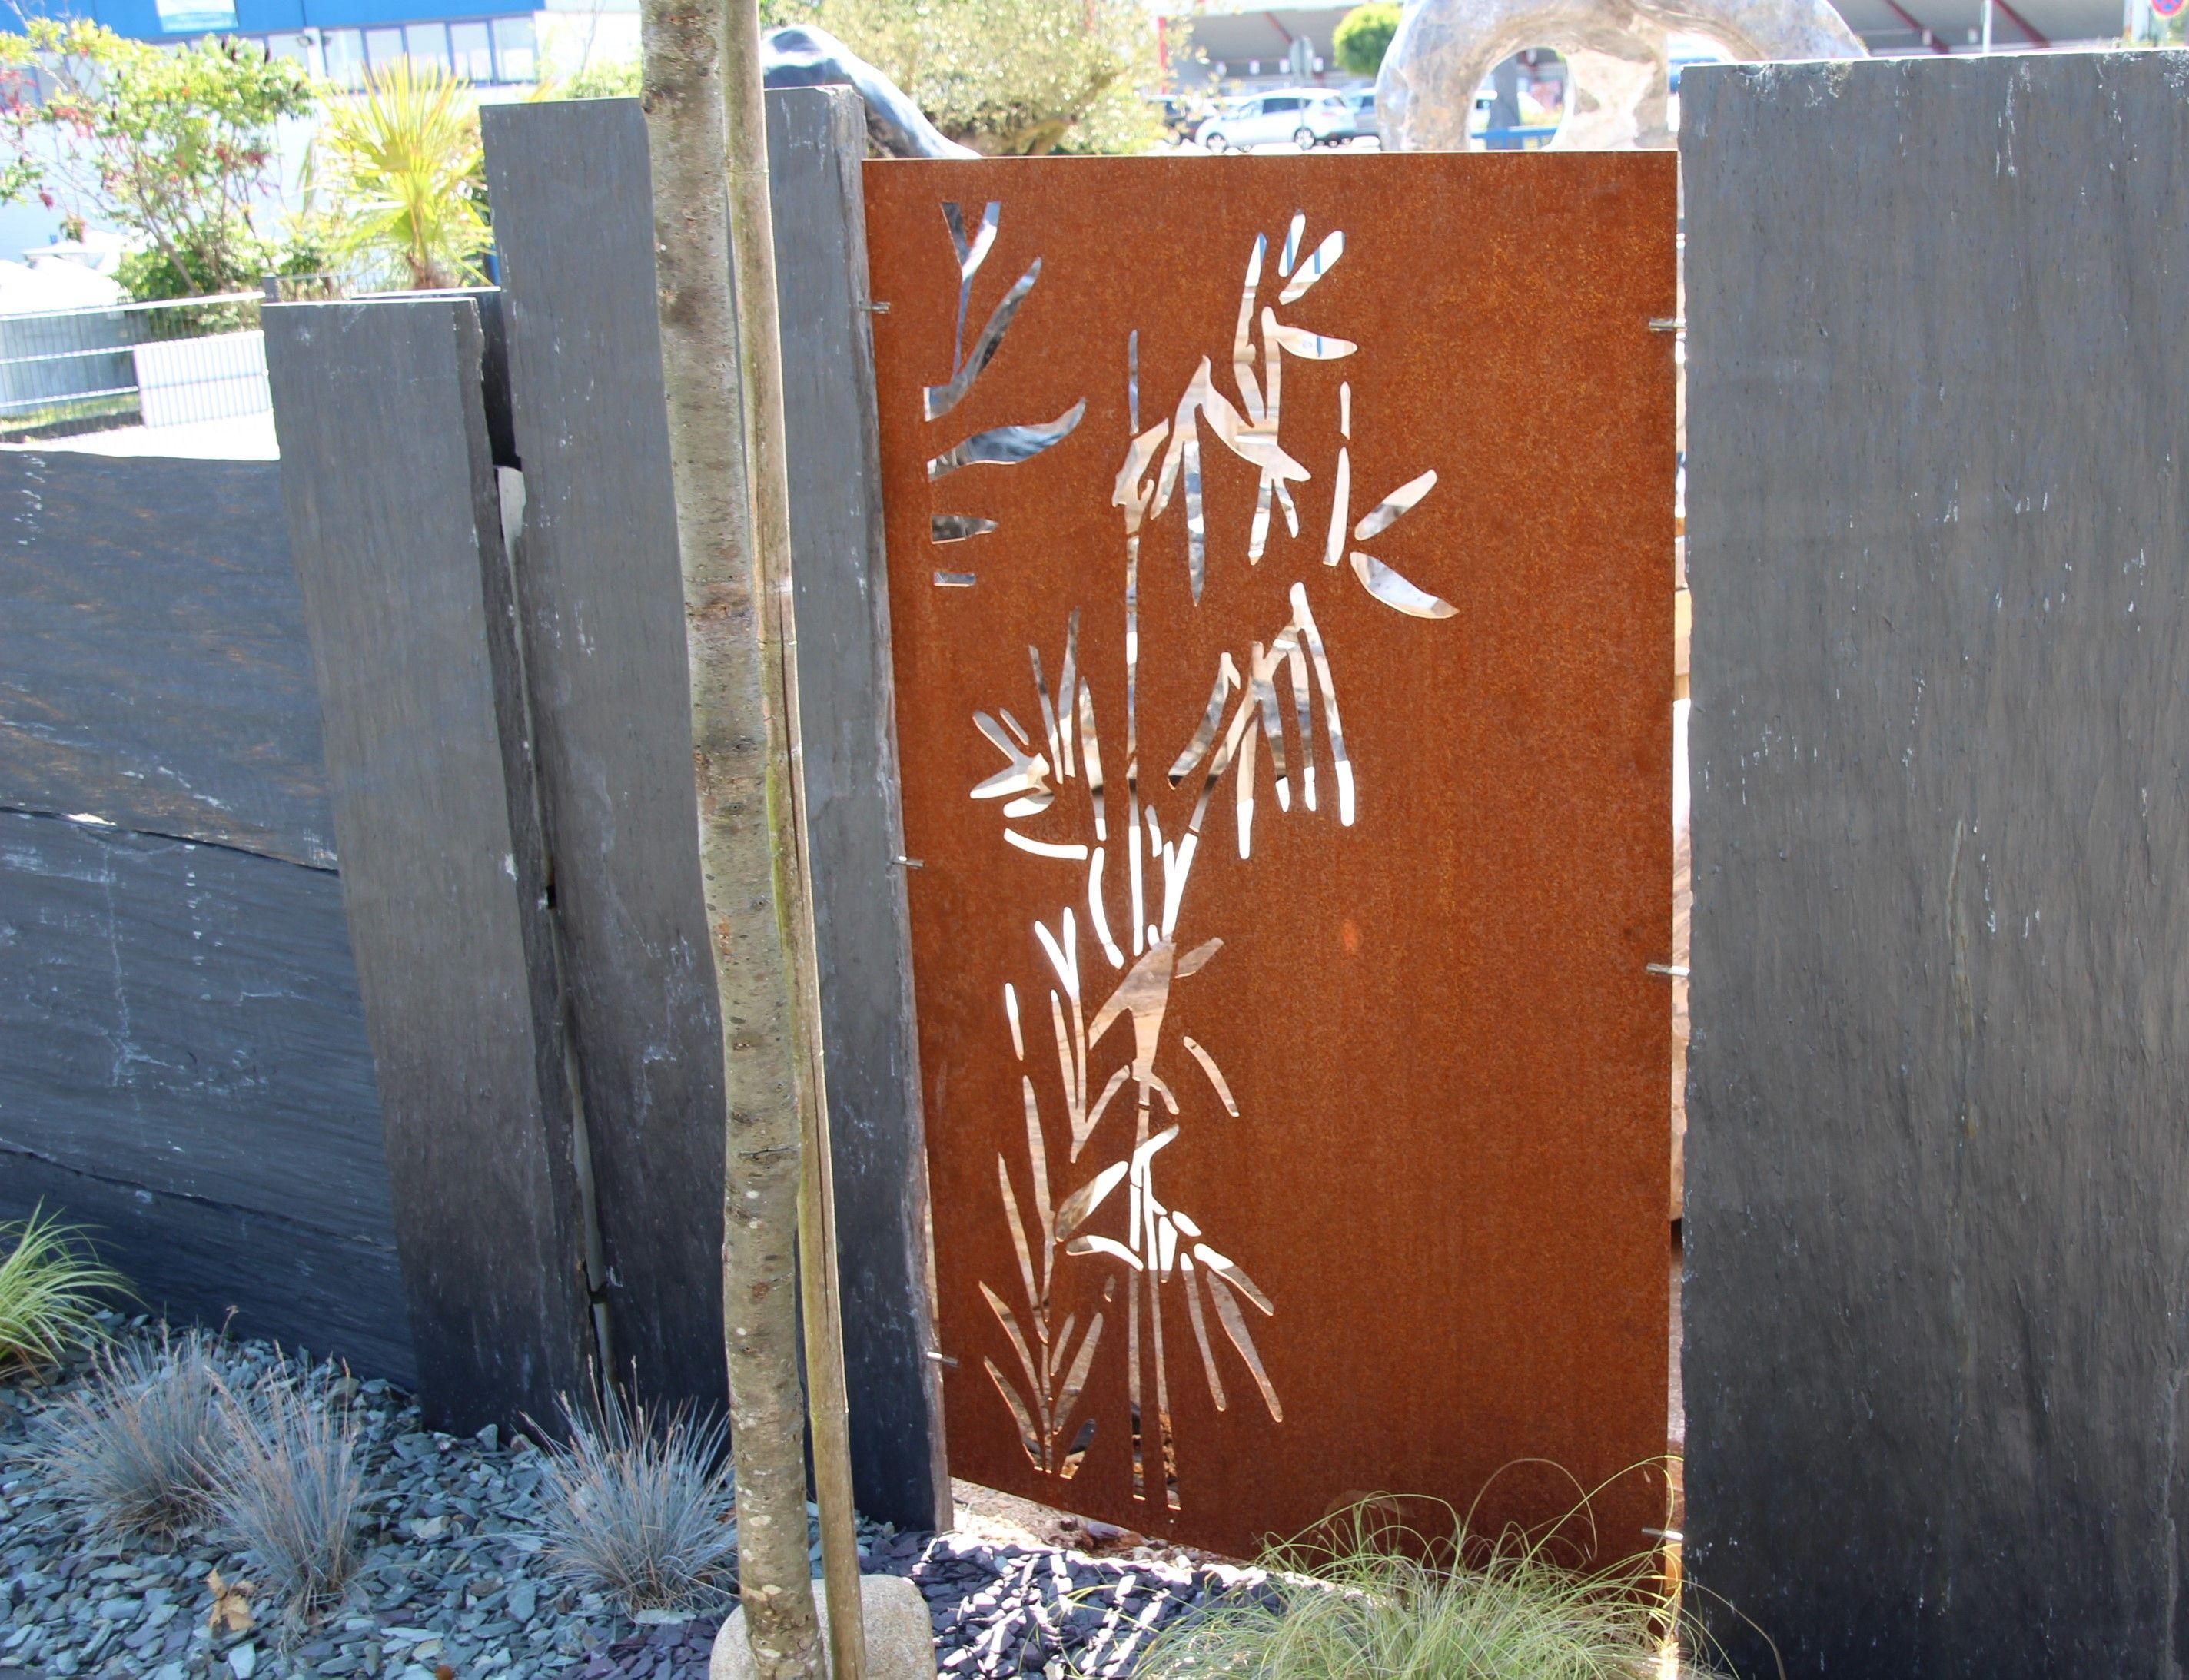 Garten ■Terrasse ■Außengestaltung ■Verkleiden ■Gestalten